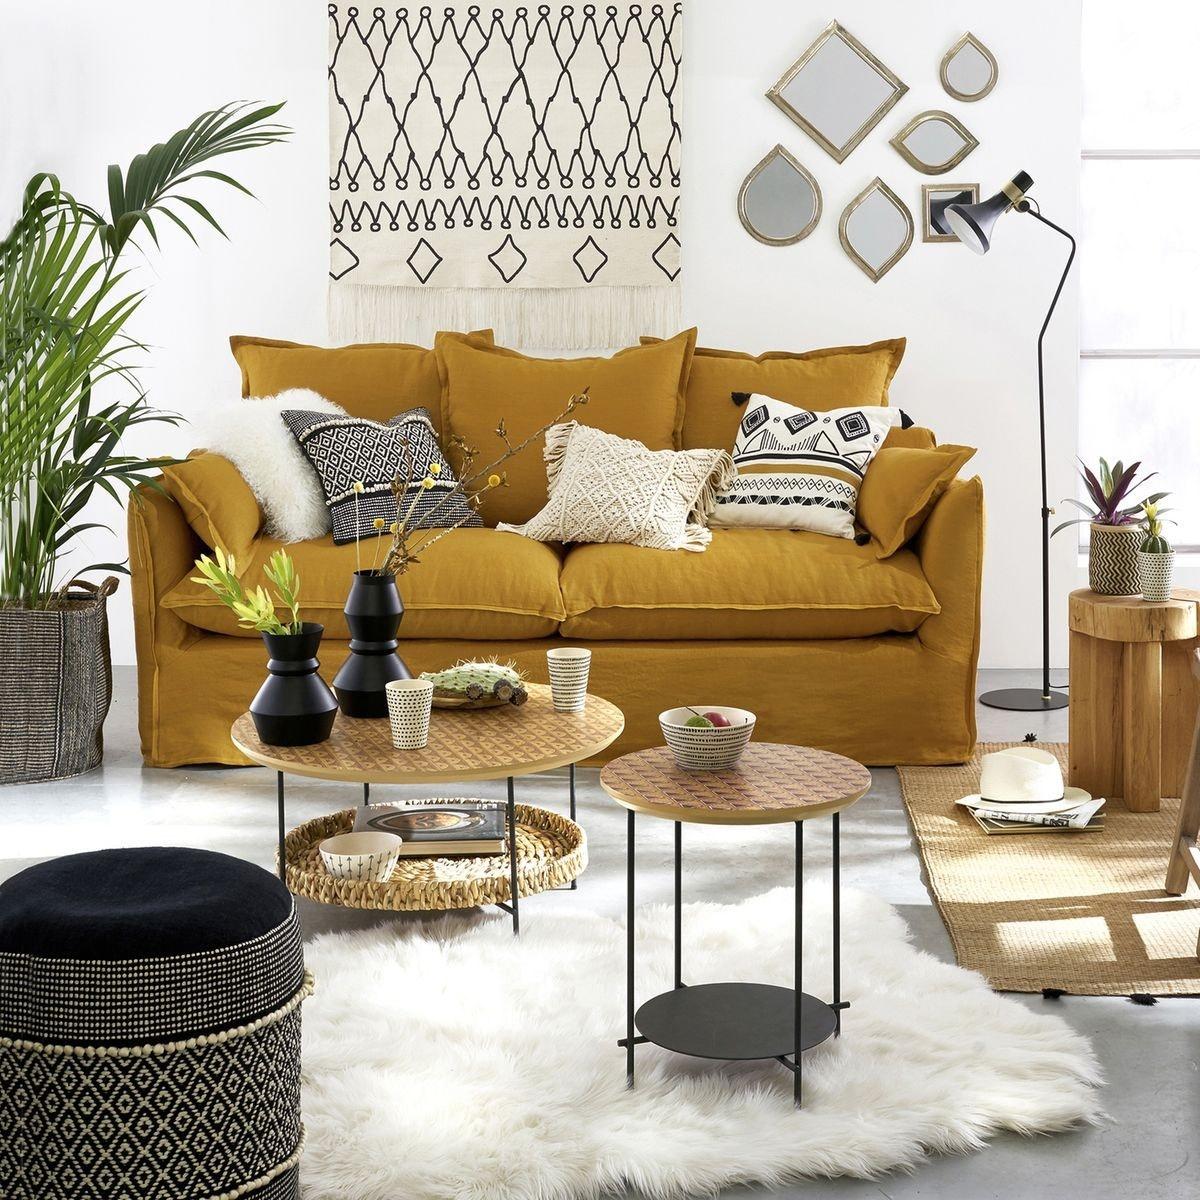 Choisir Un Canapé Densité pourquoi choisir un canapé 2 places ? | la redoute